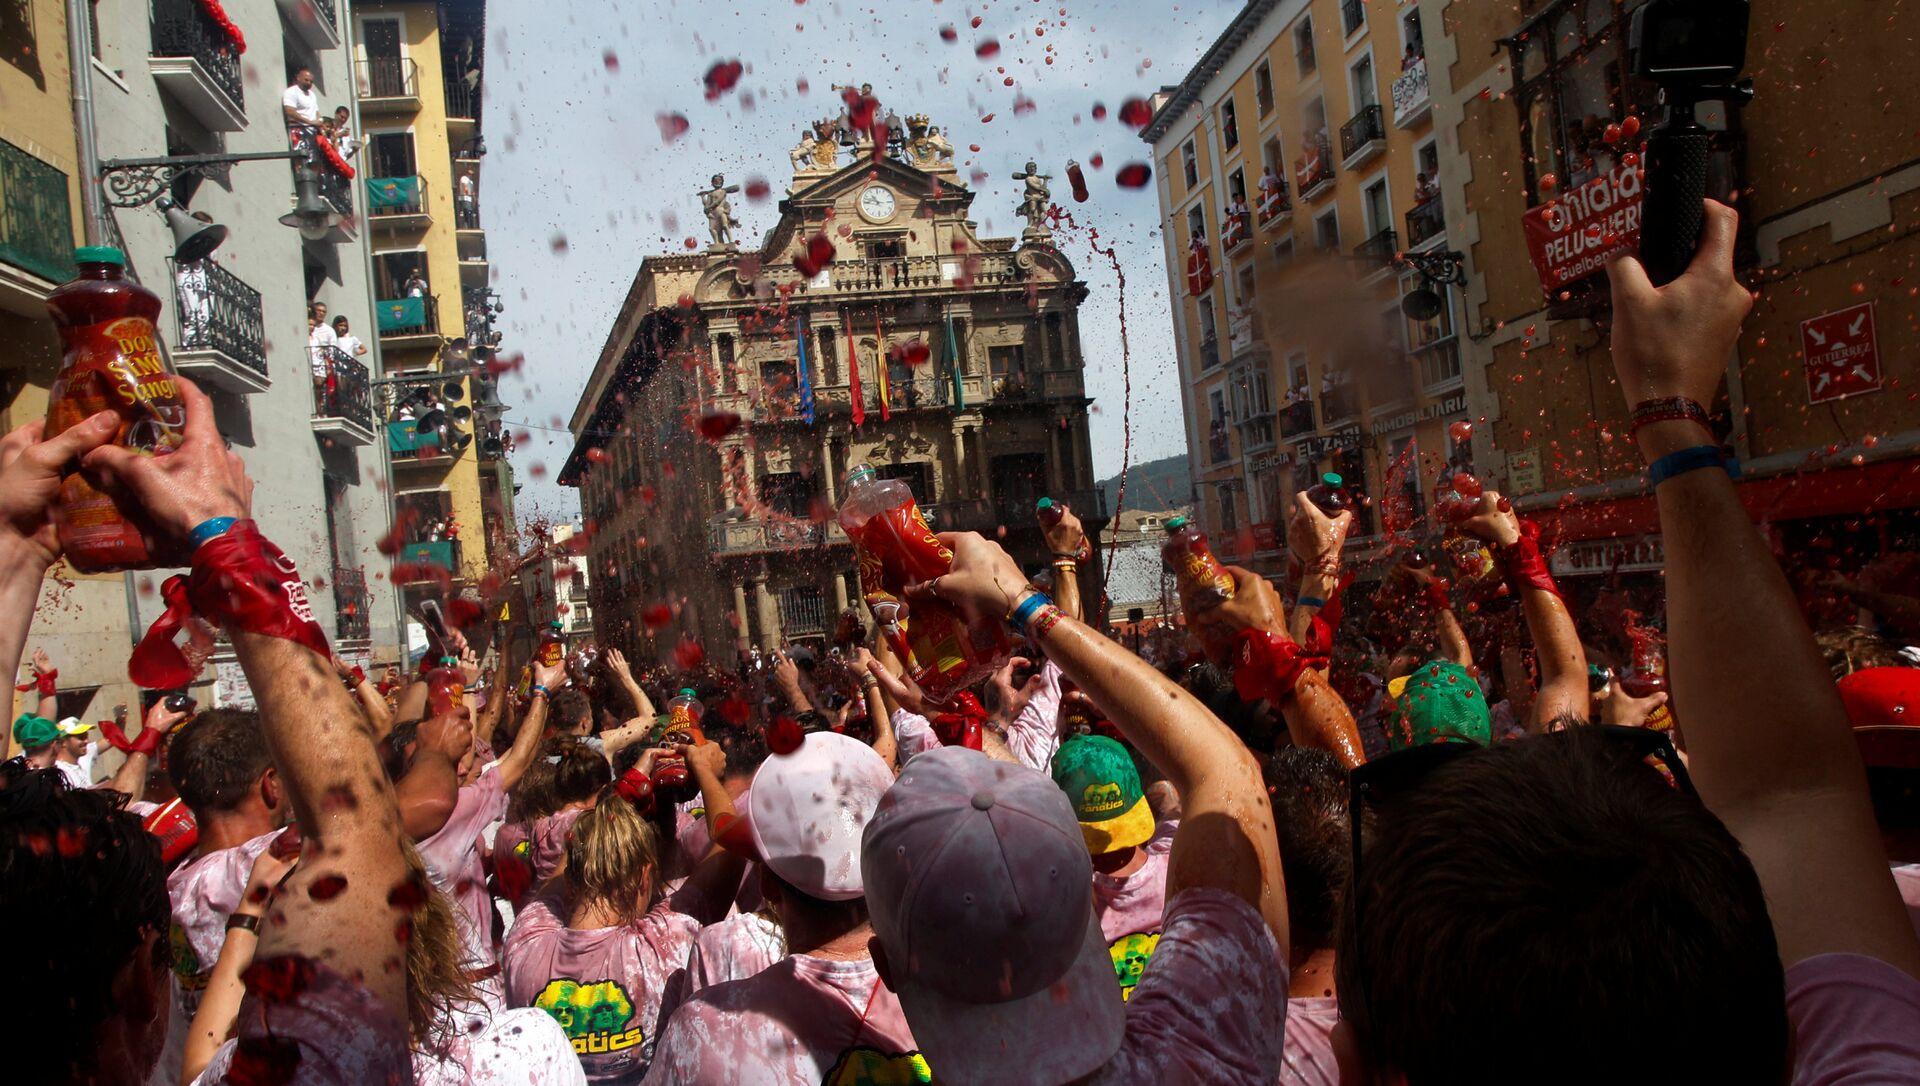 Fiesta de San Fermín an Pamplona, España - Sputnik Mundo, 1920, 02.02.2021